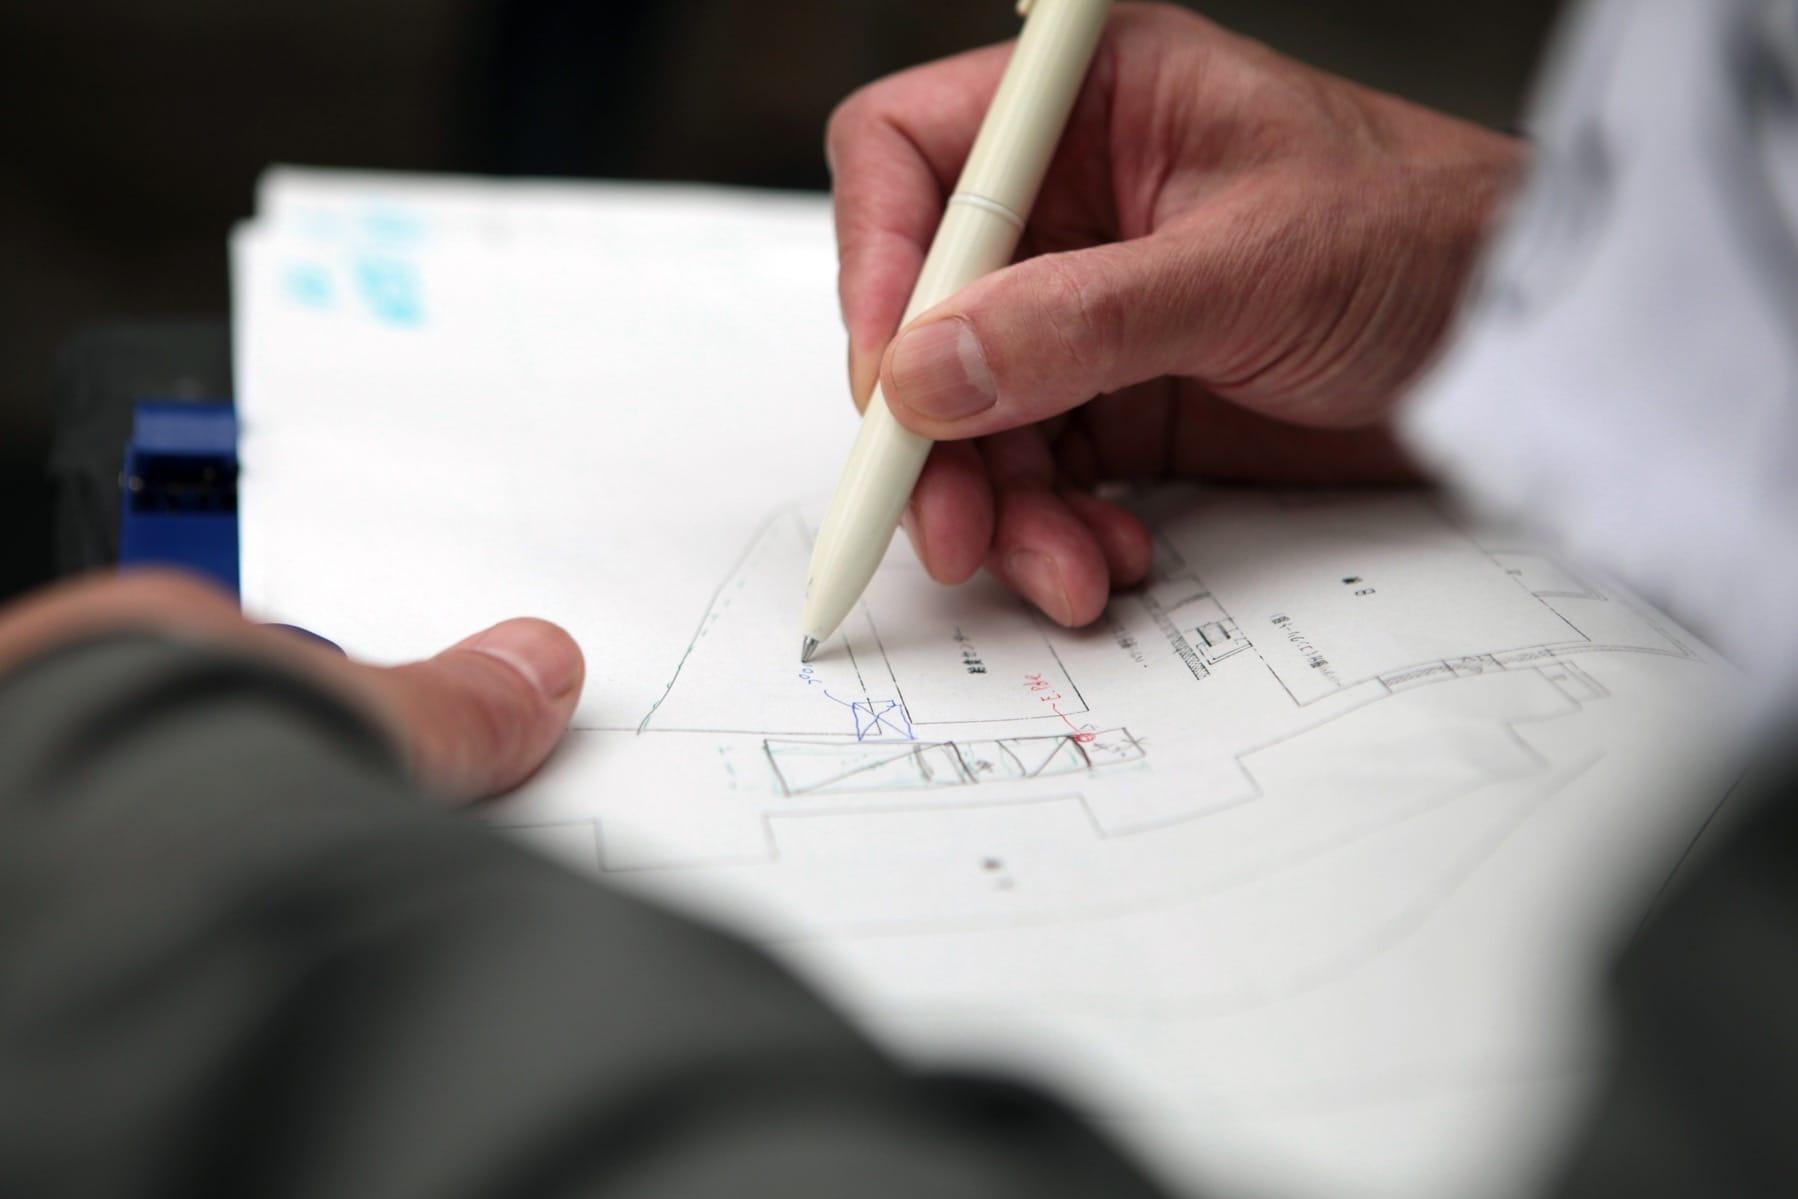 田瀬さんのノート。調査からわかったことは、ひとつひとつ図面に落とこまれていきます。